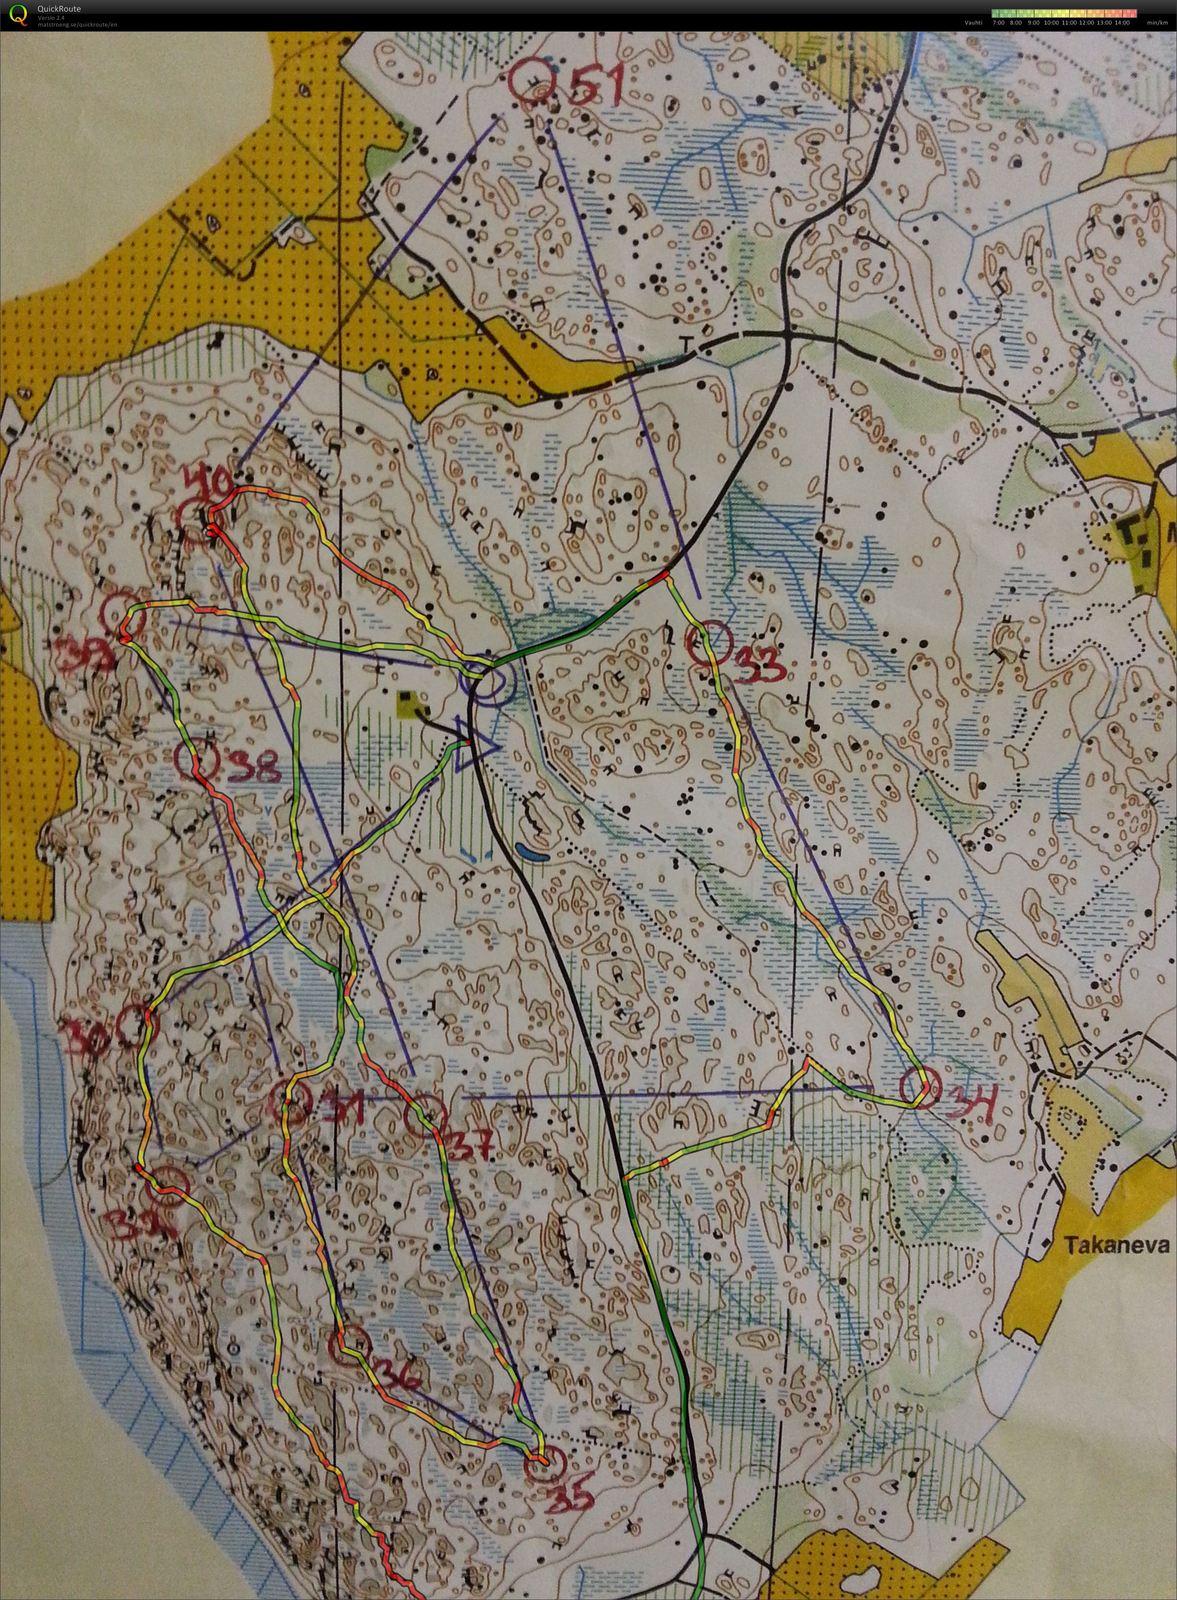 My Doma Digitaalinen Kartta Arkisto Vallami Yliharma 16 02 2014